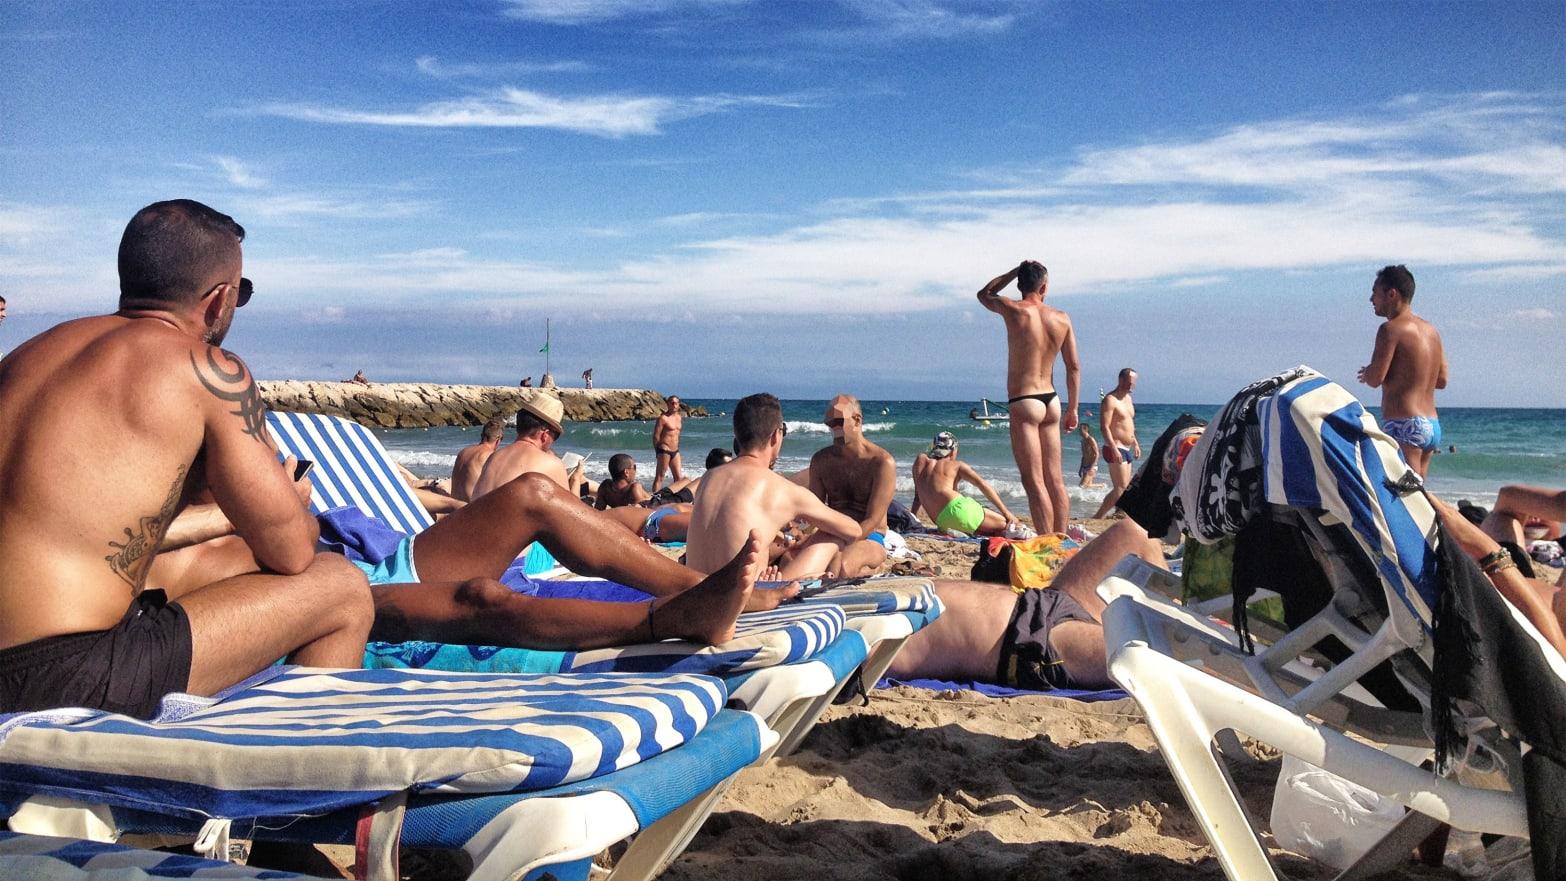 Beach group sex cum